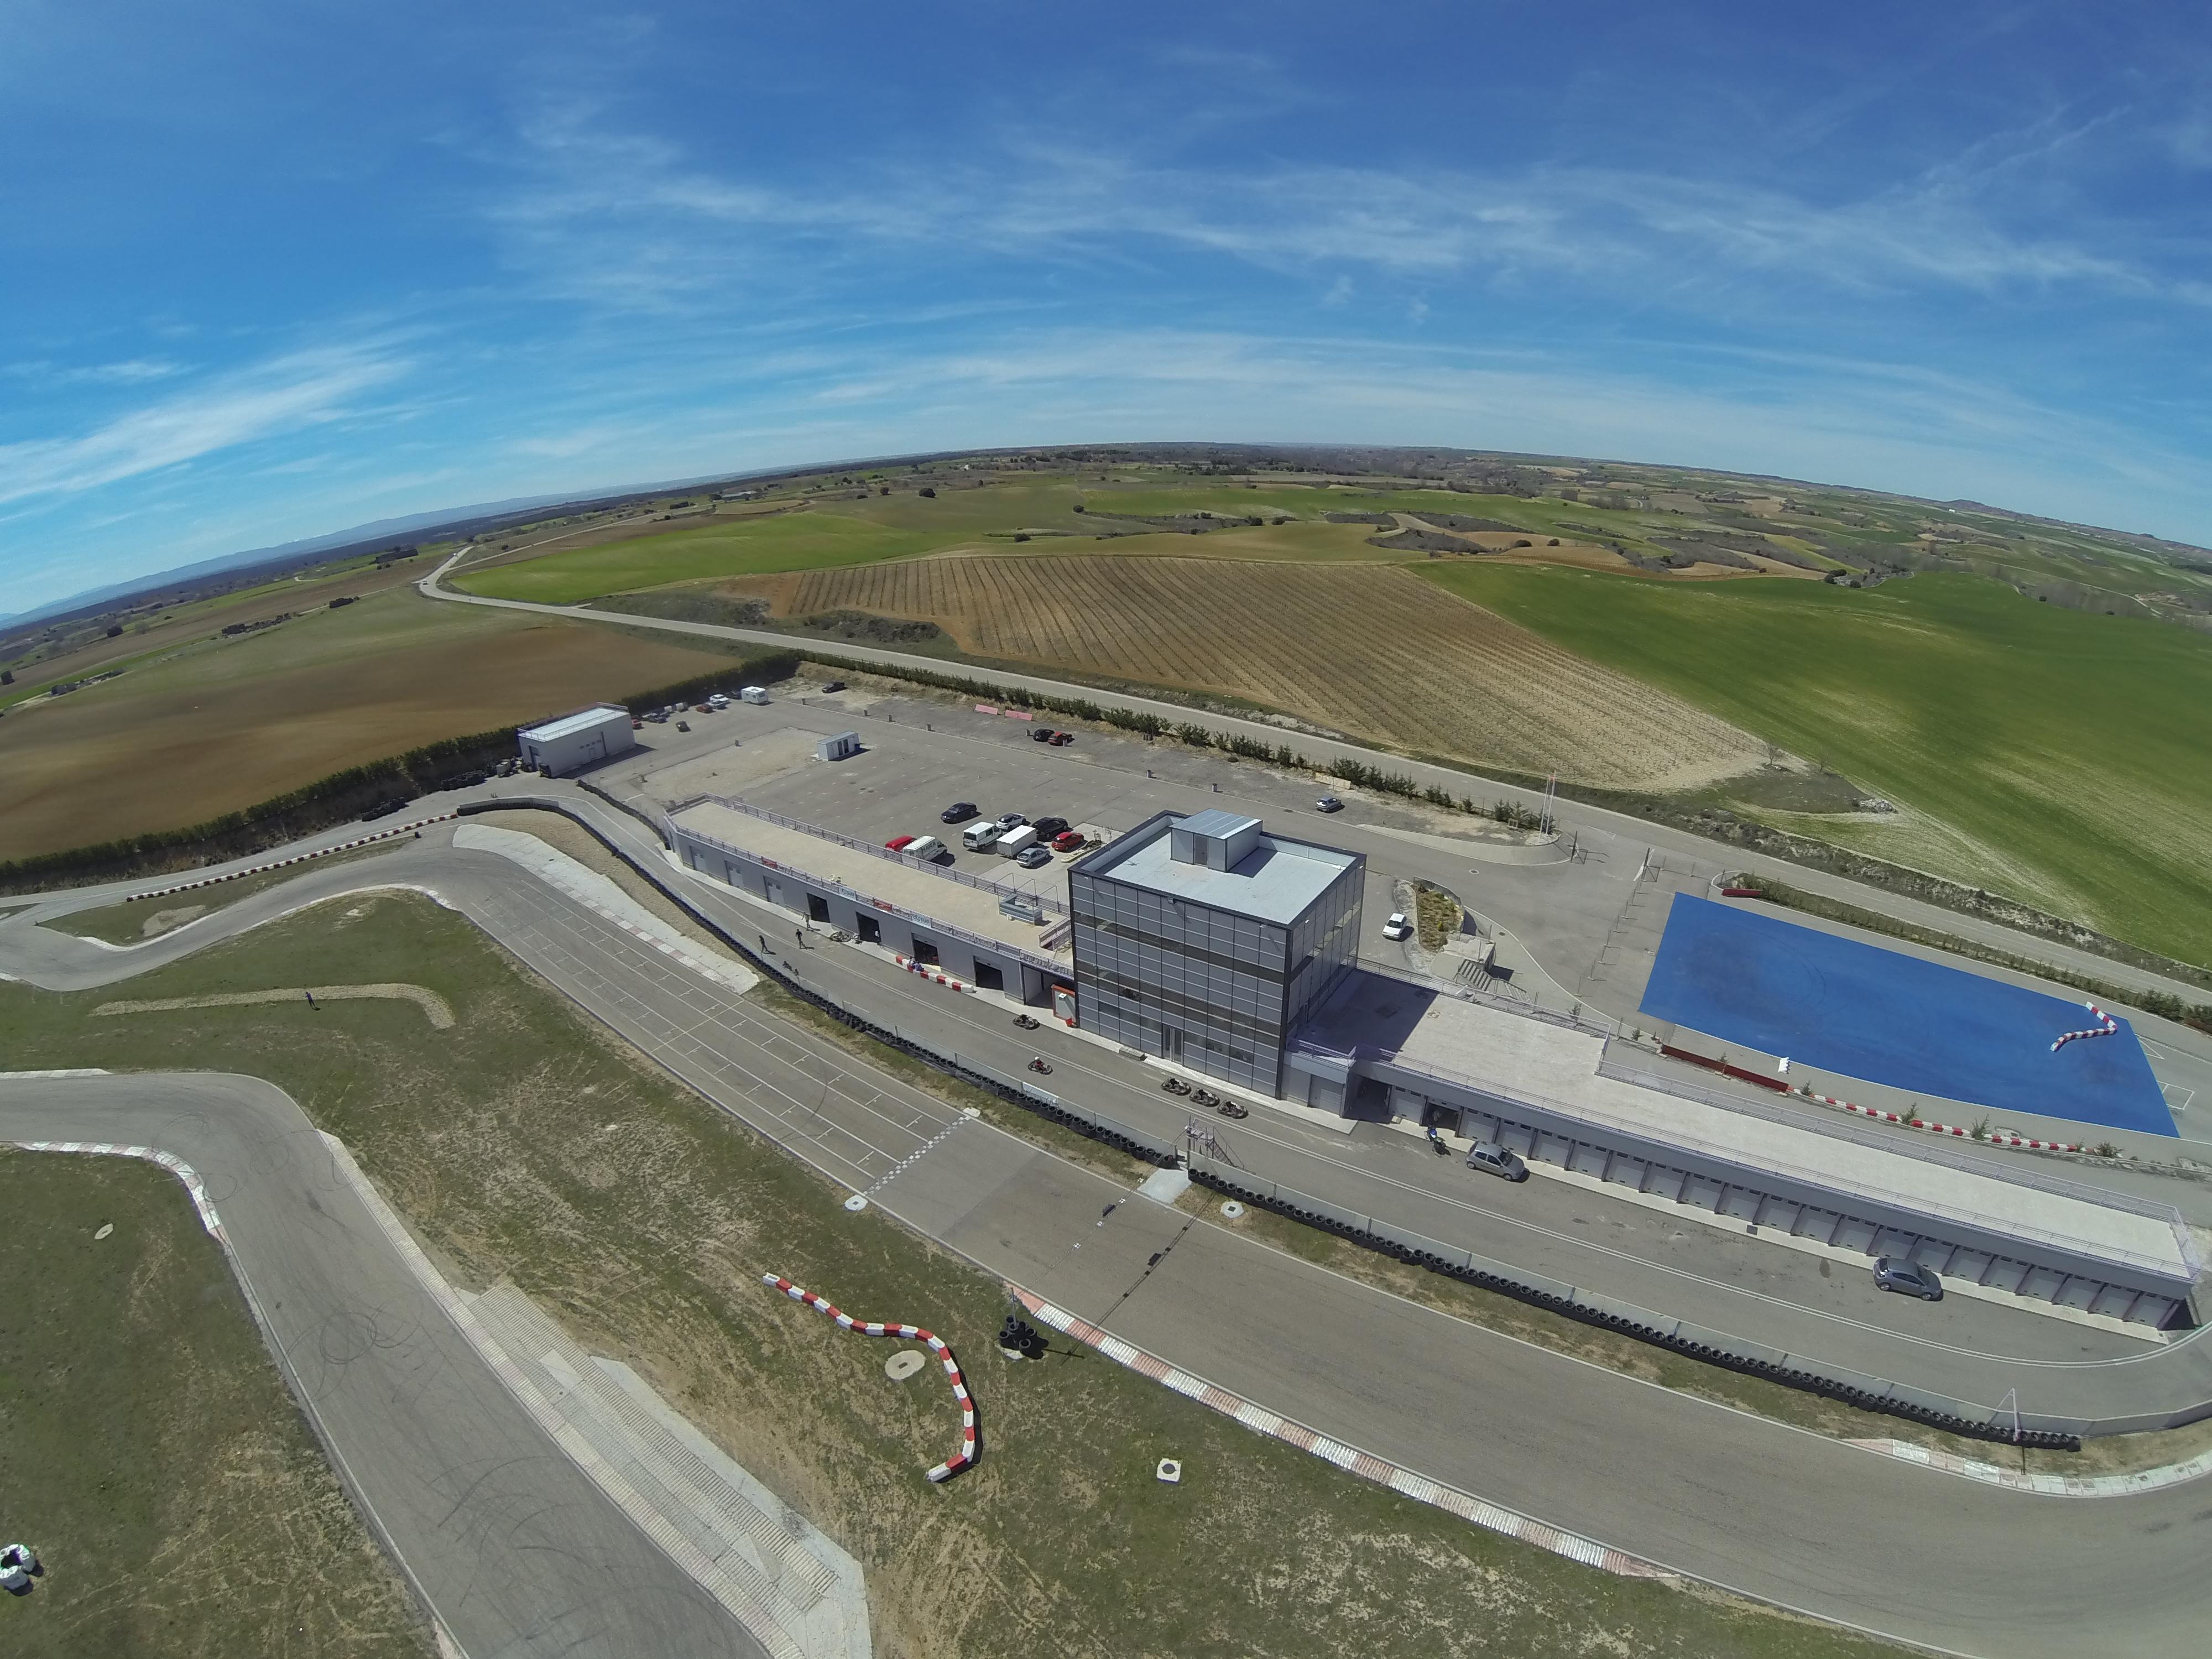 Circuito Kotarr : Ficha técnica de circuito kotarr